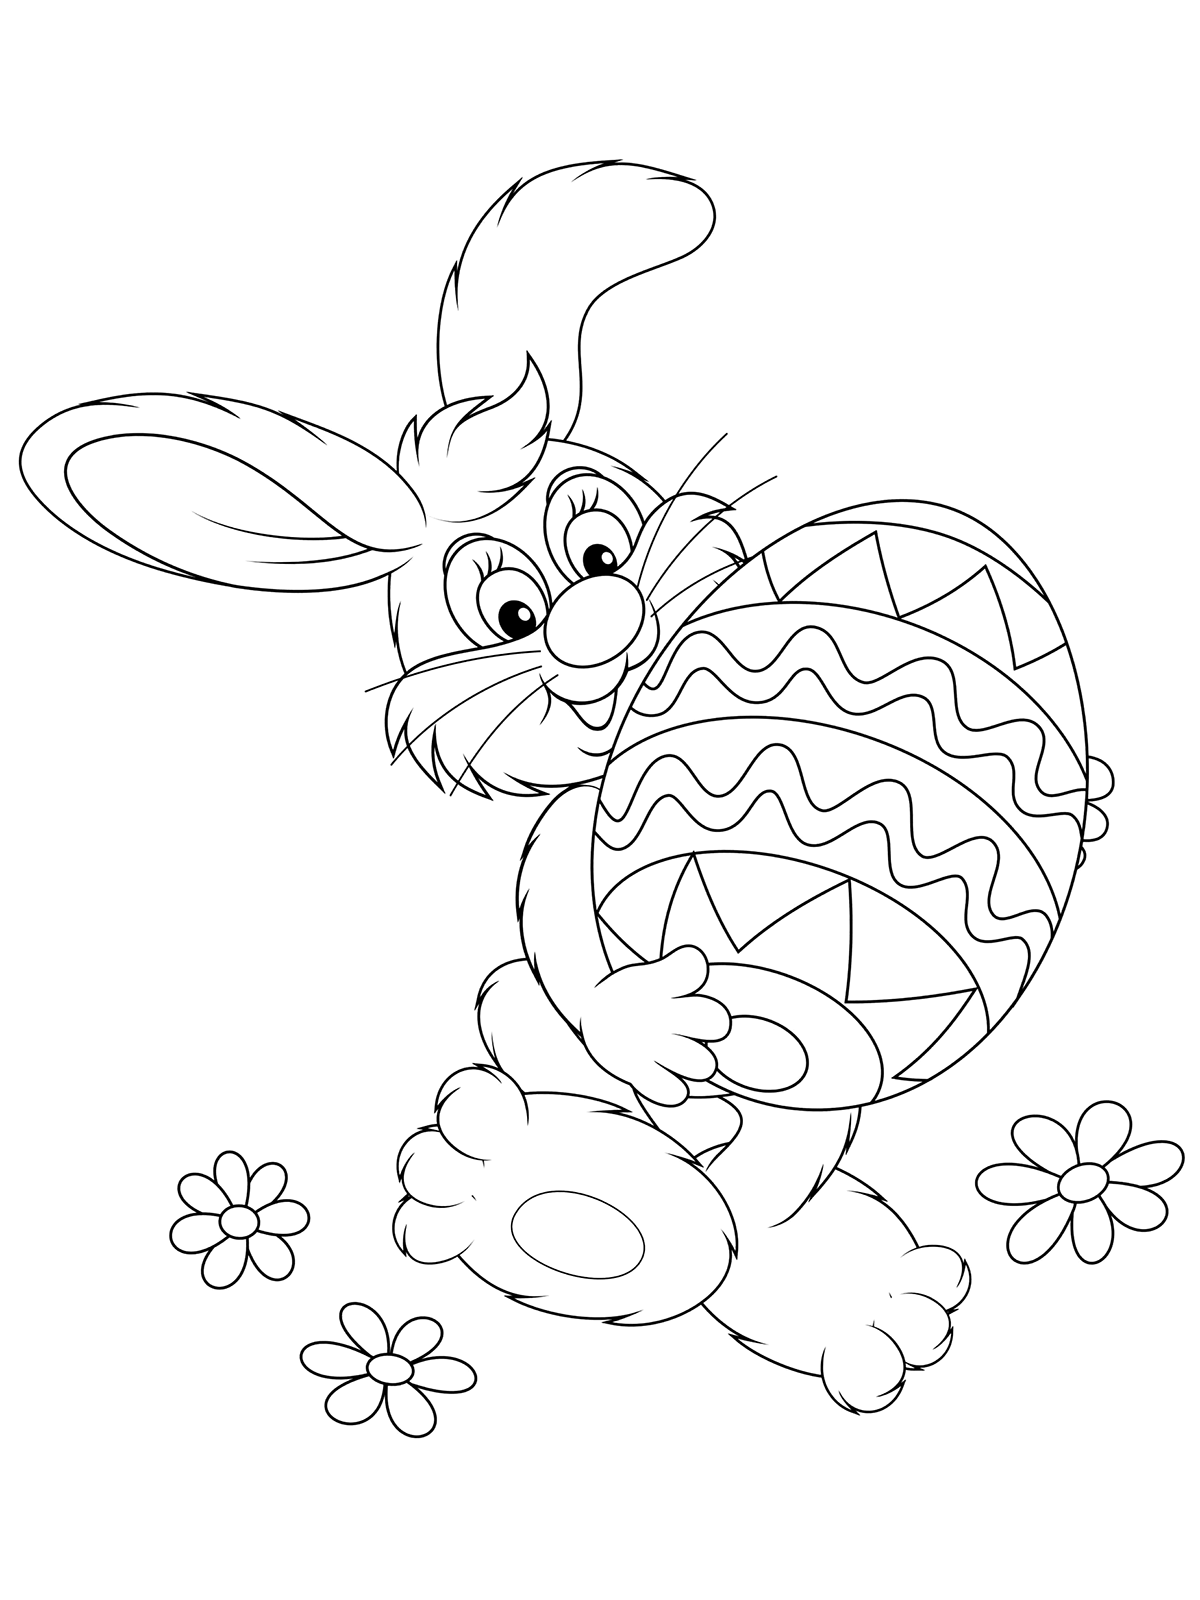 Раскраска Кролик несёт пасхальное яйцо